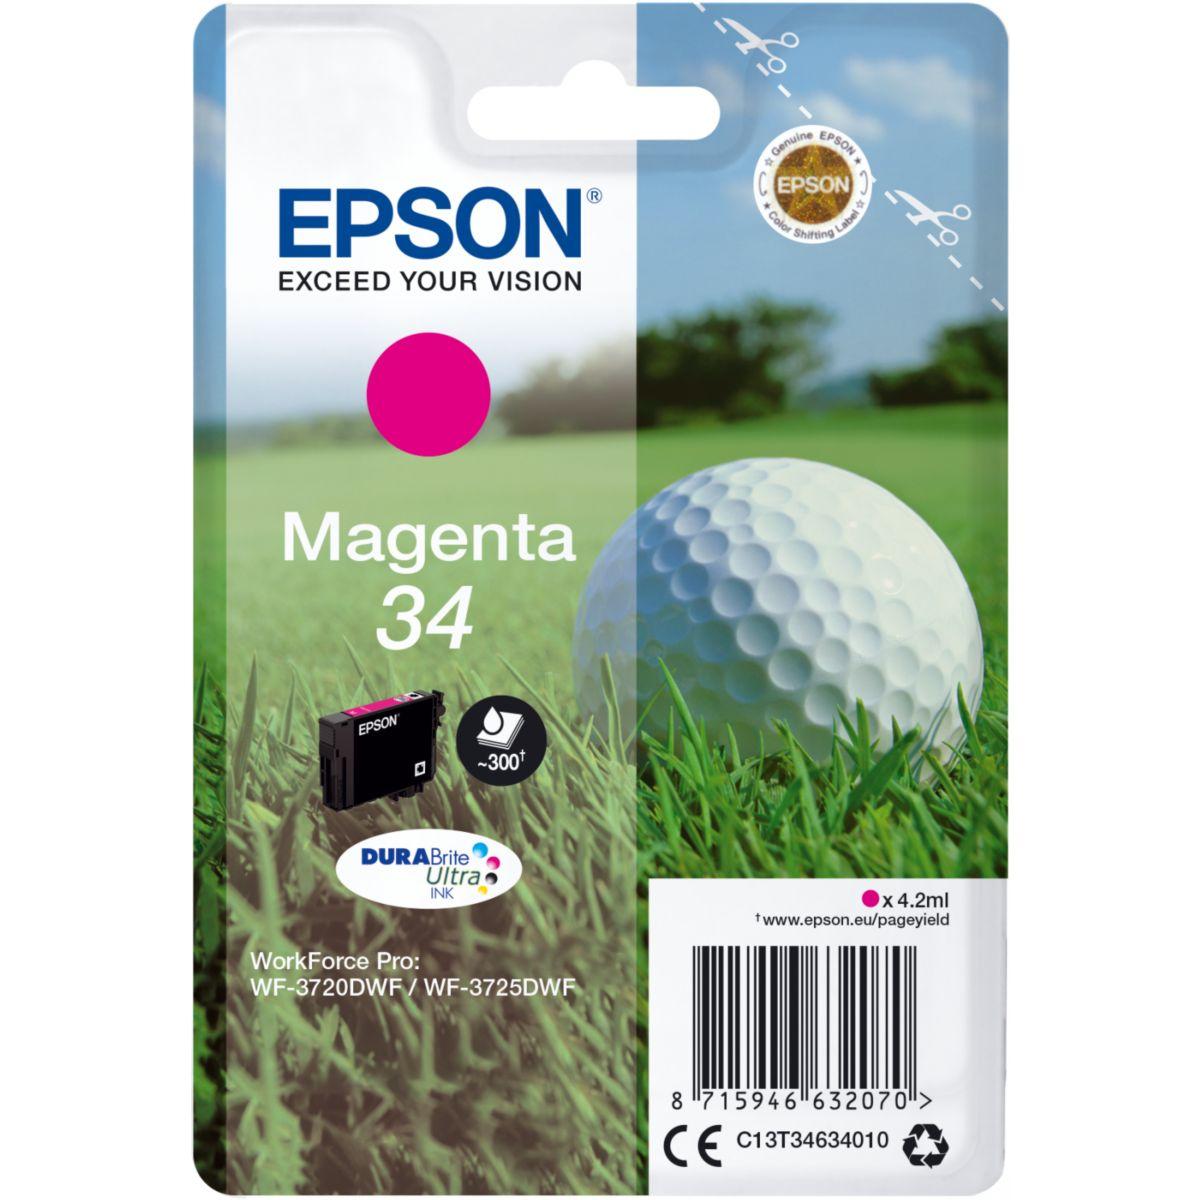 Cartouche d'encre EPSON T3463 Magenta Série Balle de golf